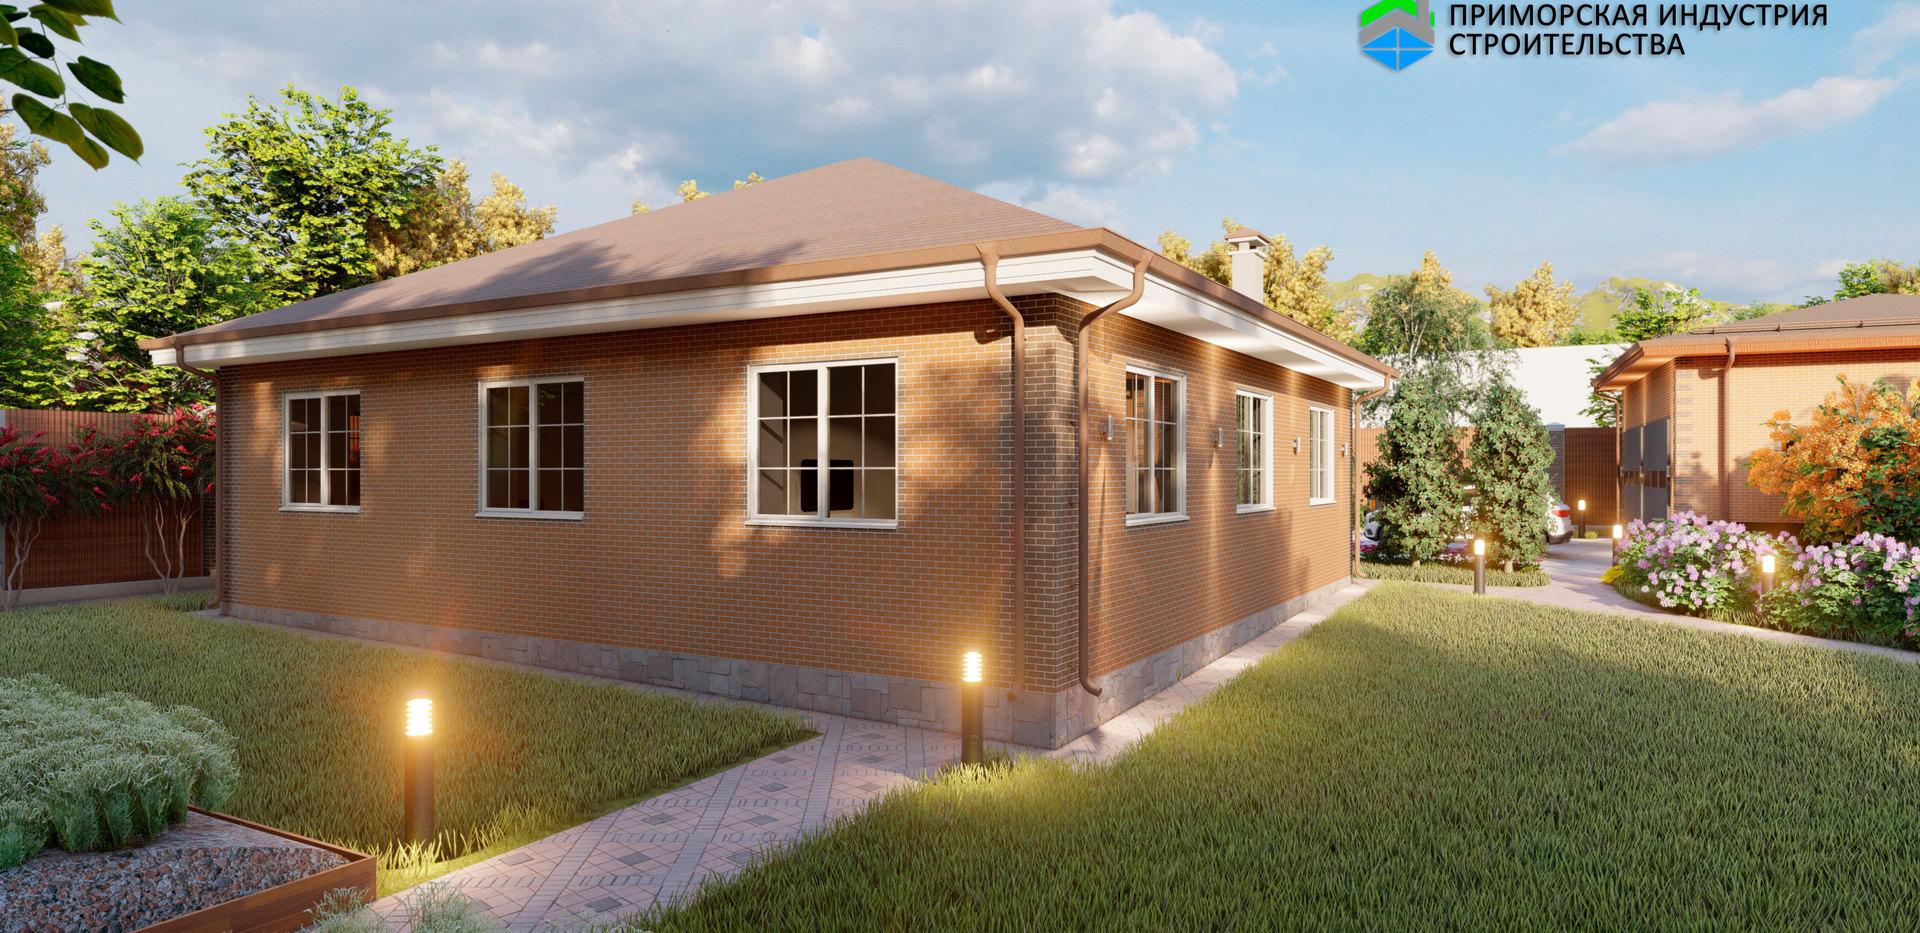 Проект одноэтажного дома A-007